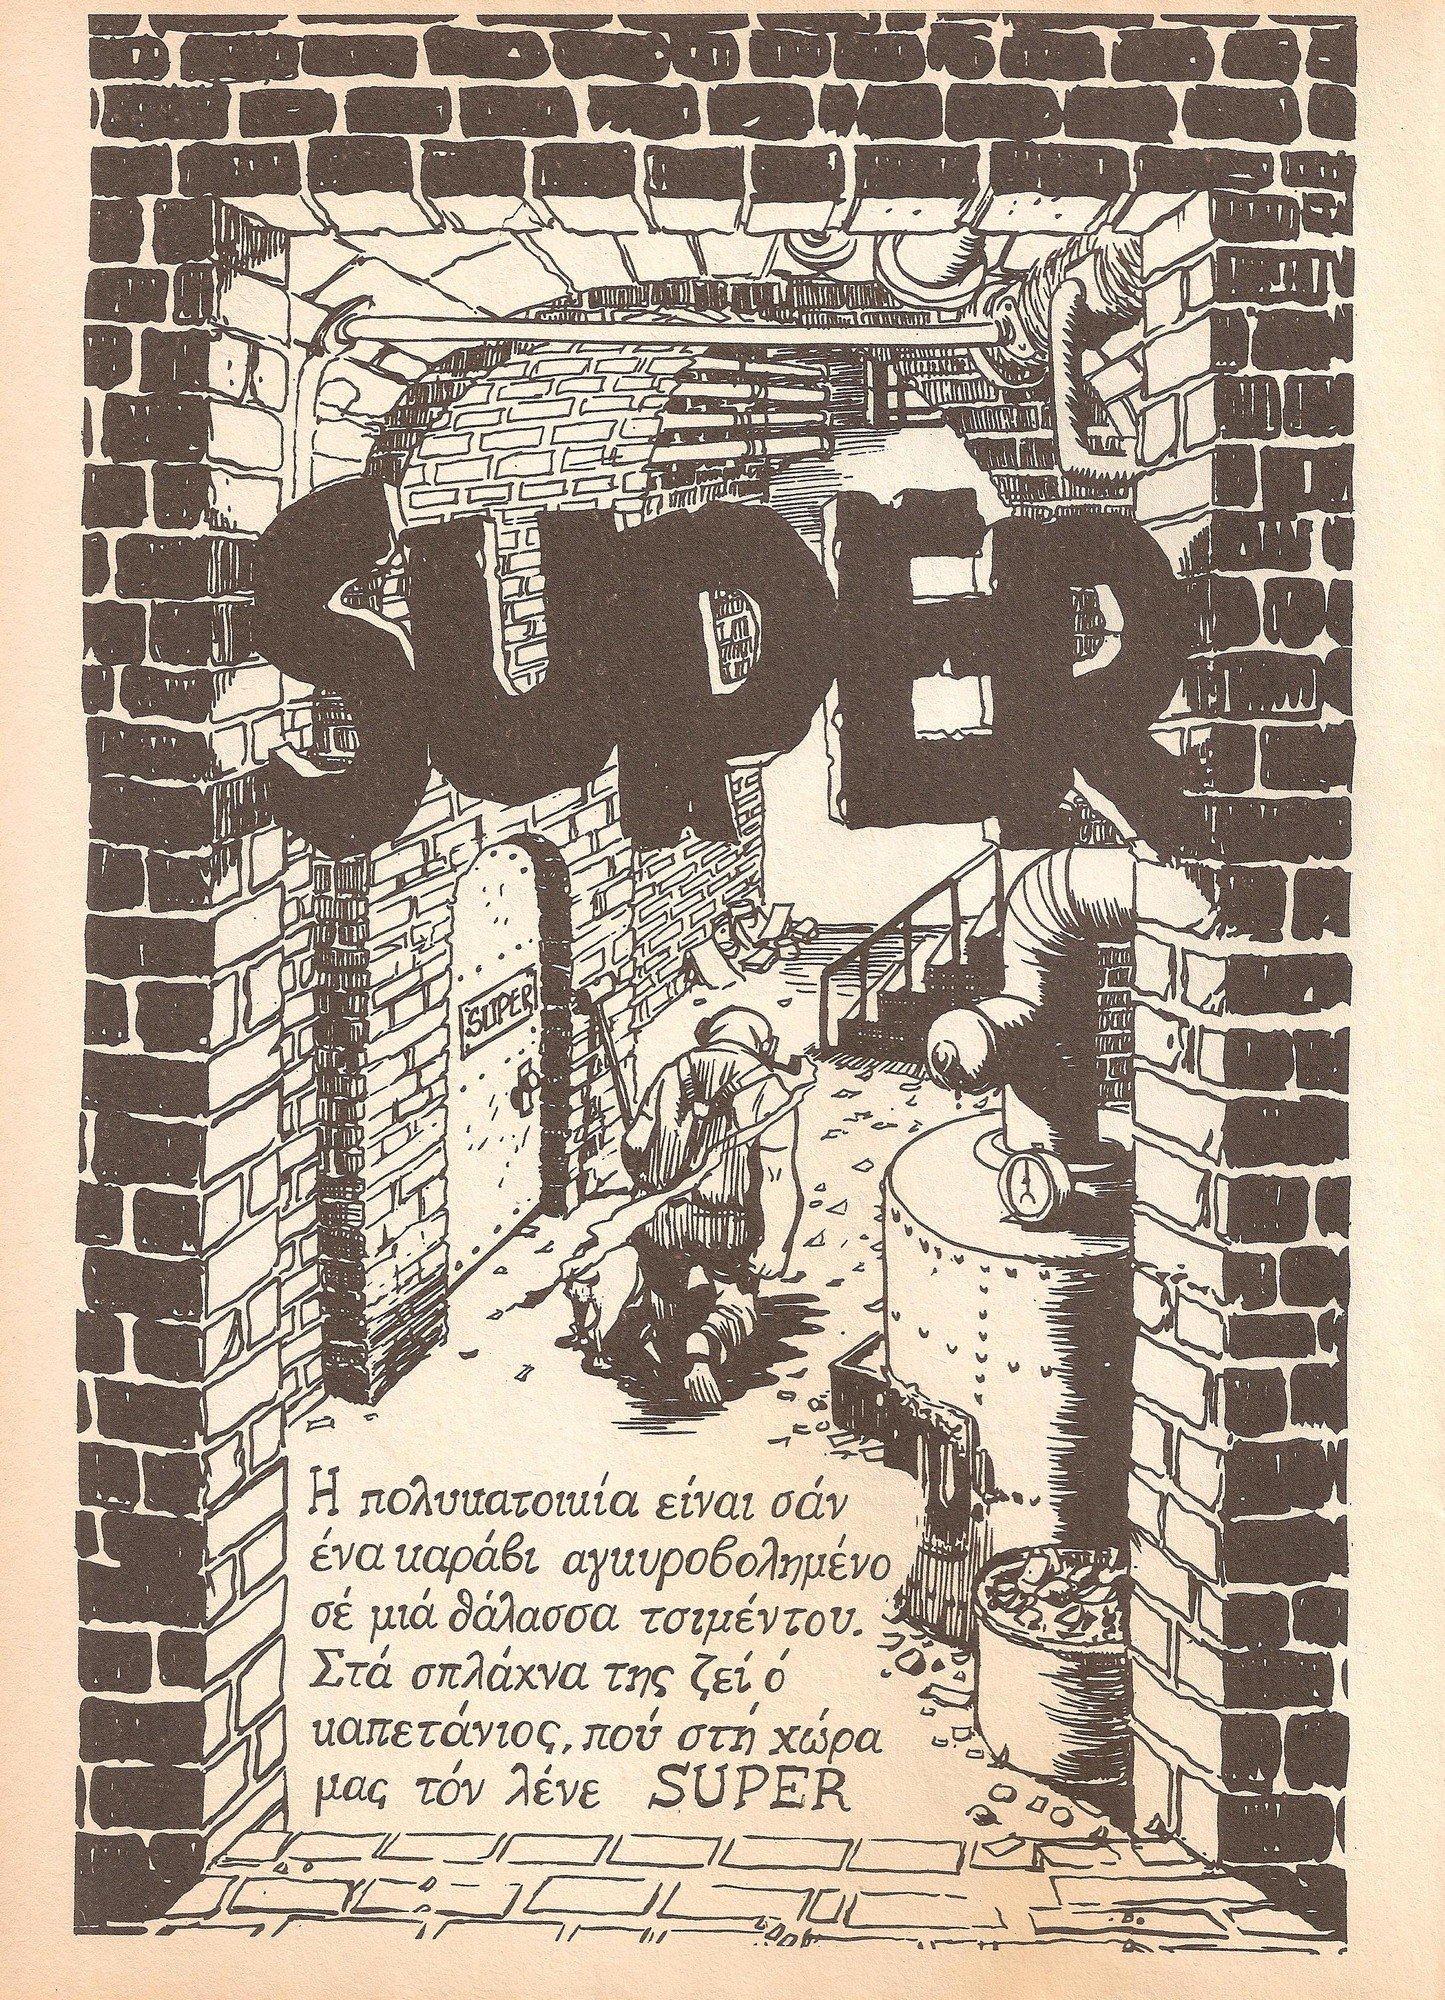 EISNER - SUPER